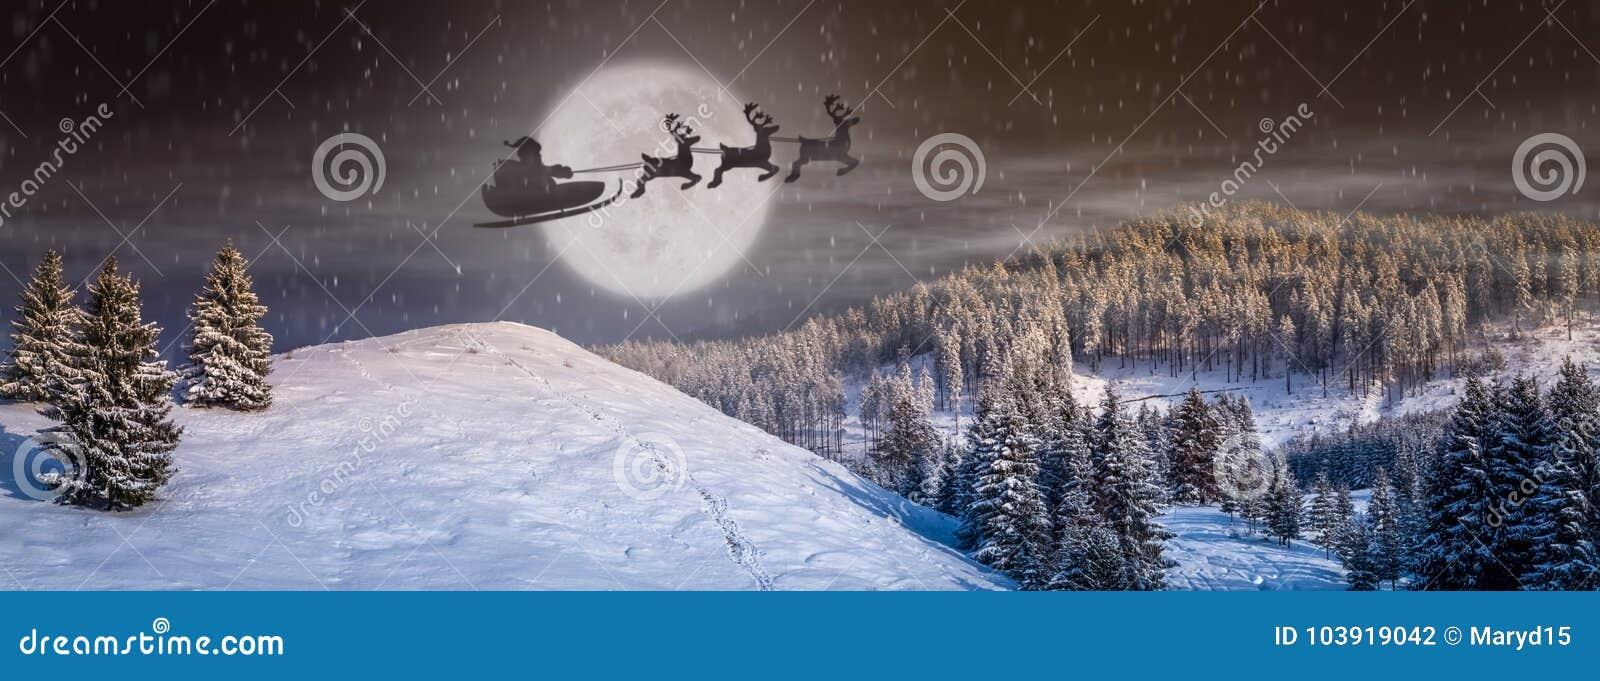 Σκηνή Παραμονής Χριστουγέννων με το δέντρο, χιόνι που πέφτει, Άγιος Βασίλης σε ένα έλκηθρο με τους ταράνδους που πετούν στον ουρα